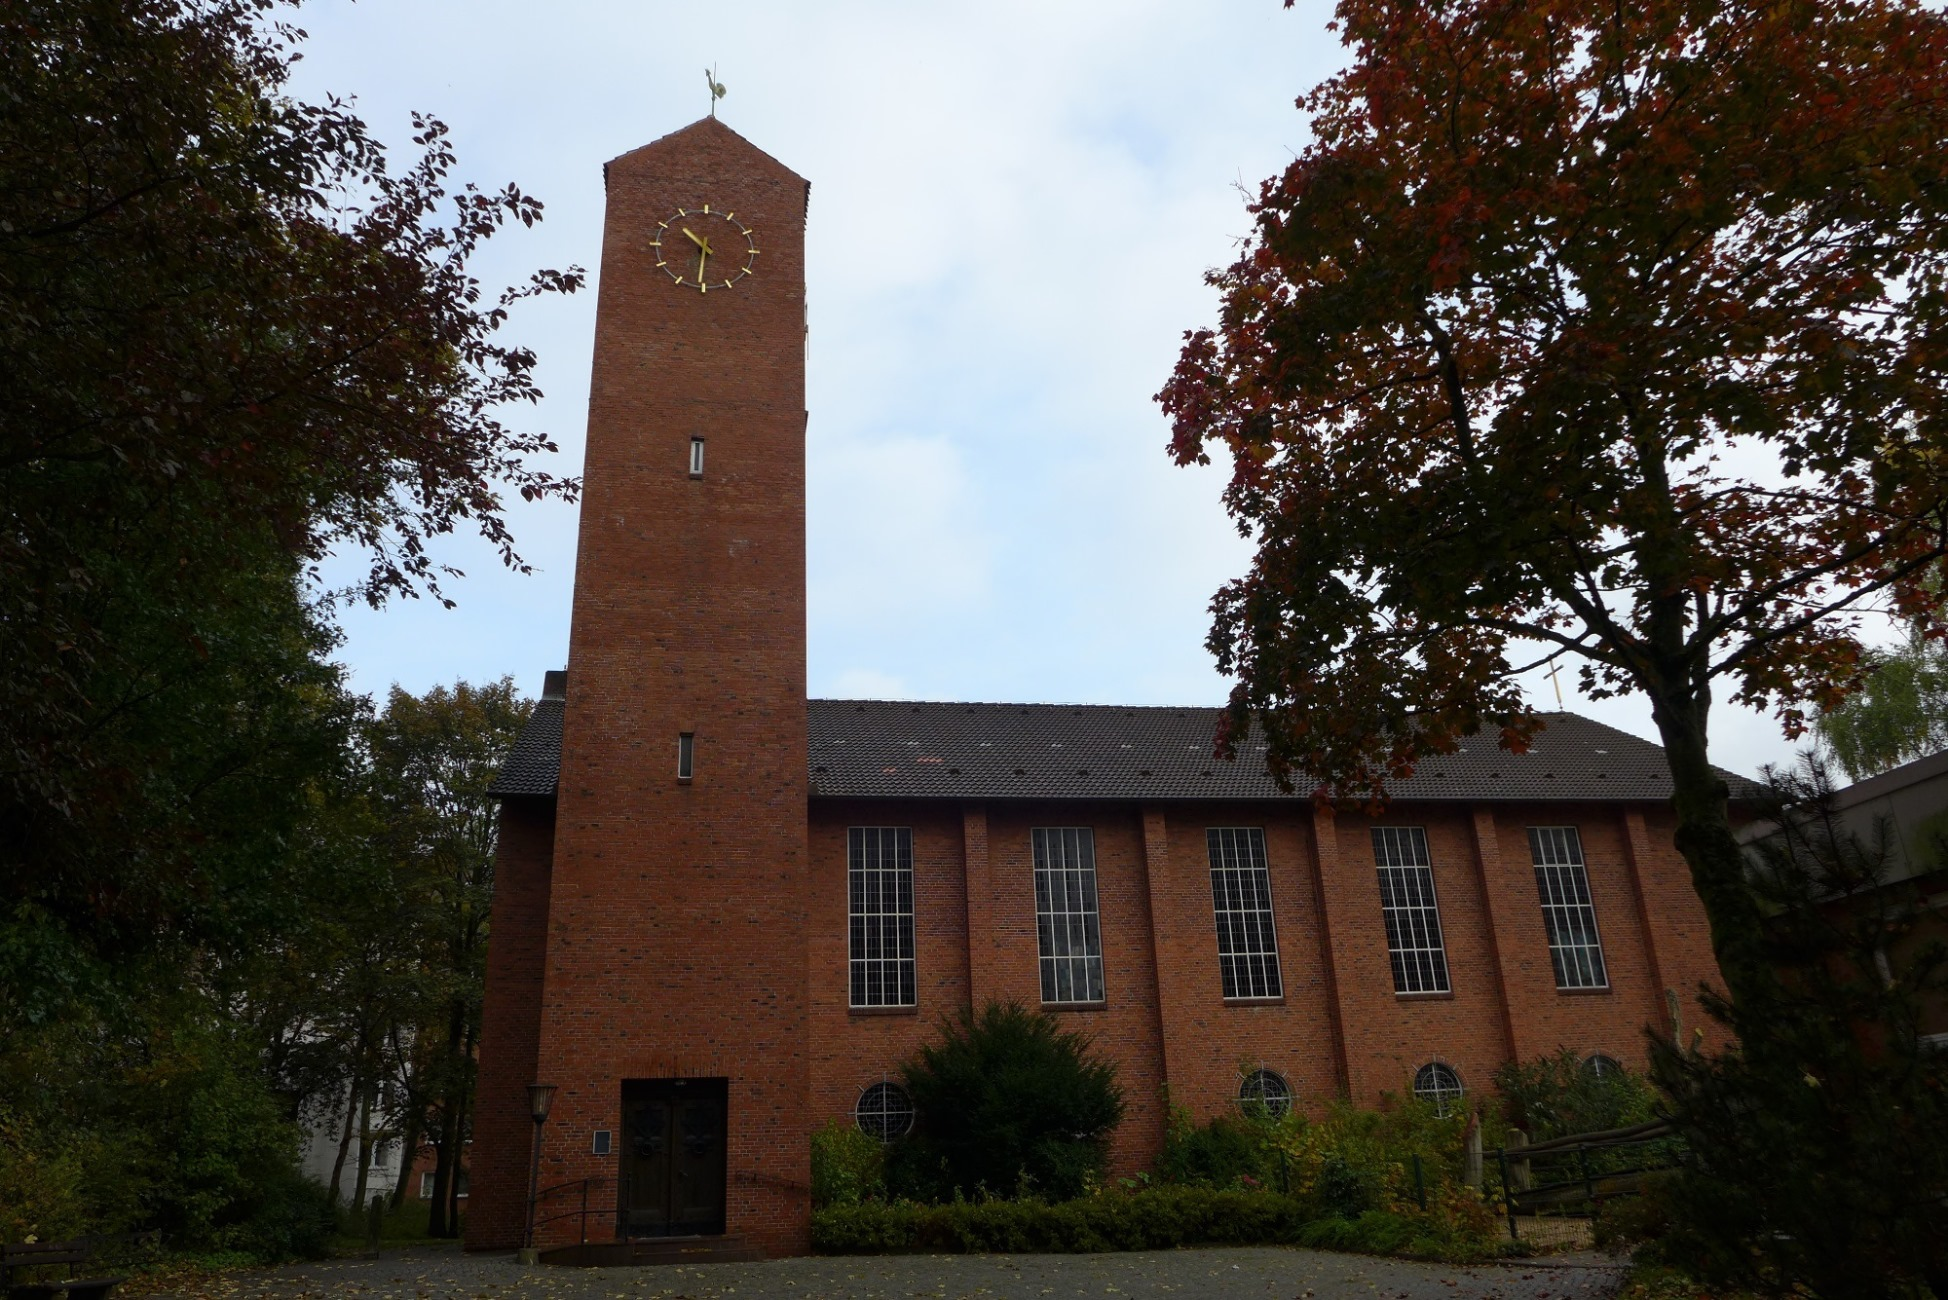 Katholische Kirche Rendsburg